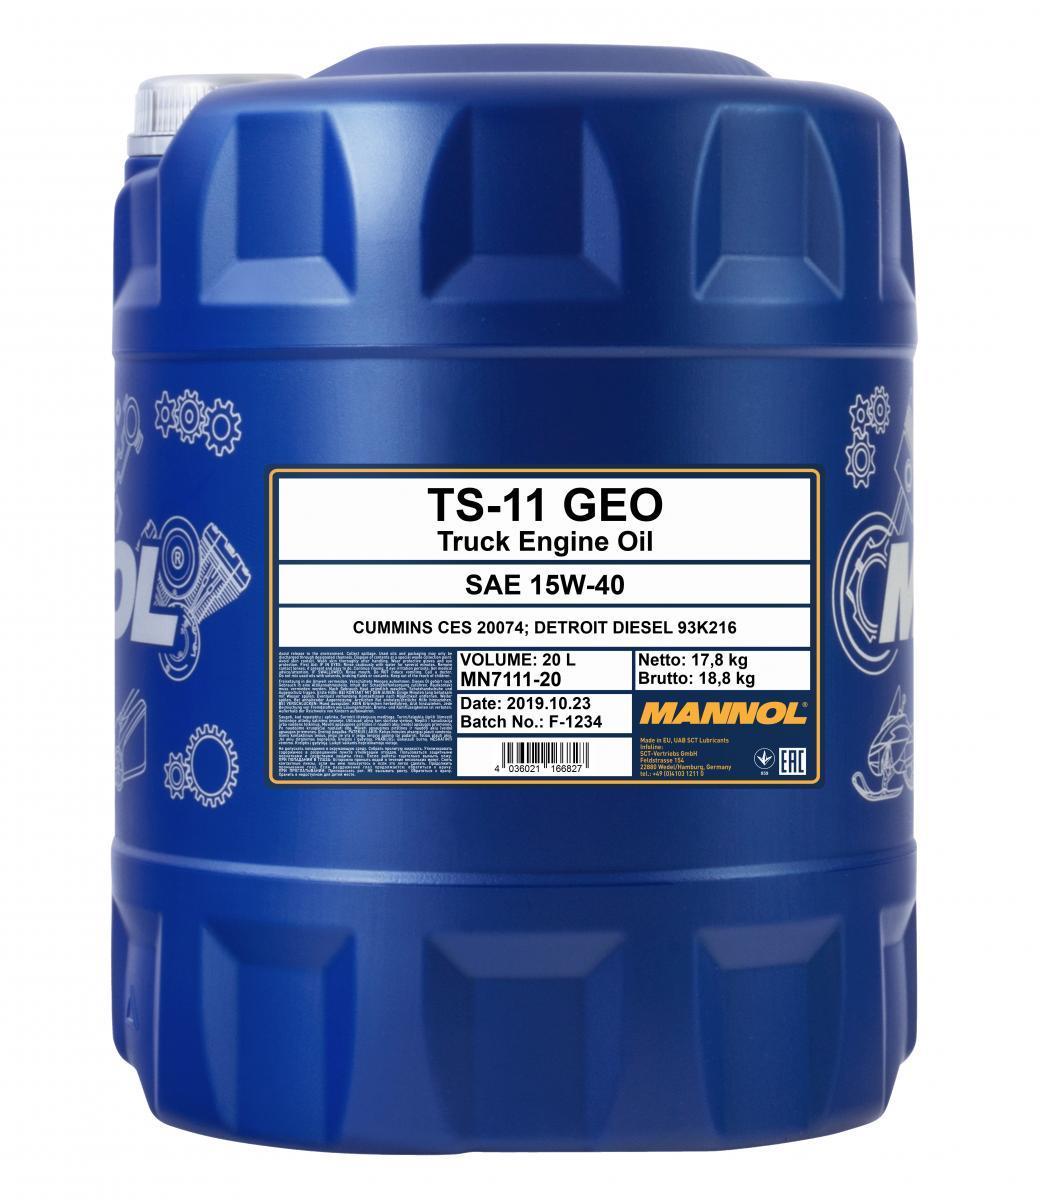 MN7111-20 MANNOL TS-11, SHPD Geo 15W-40, 20l Motoröl MN7111-20 günstig kaufen